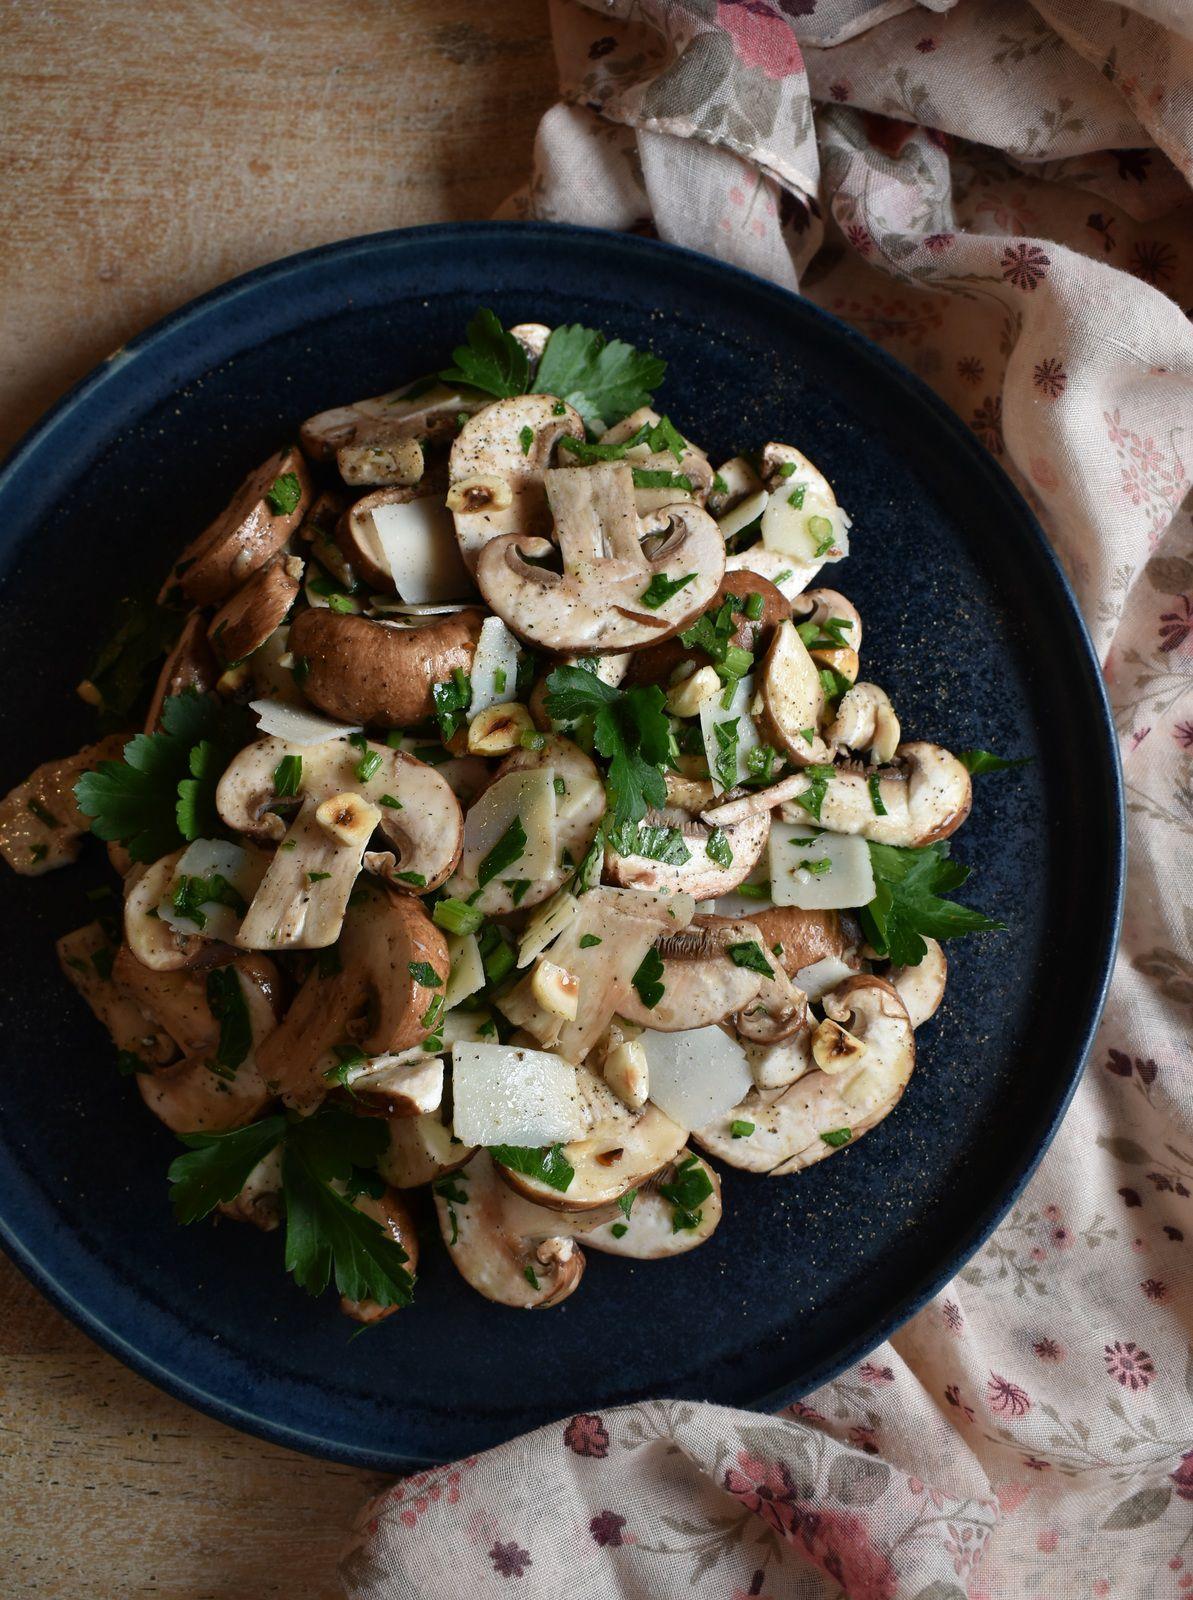 Carpaccio de champignons, noisettes et parmesan